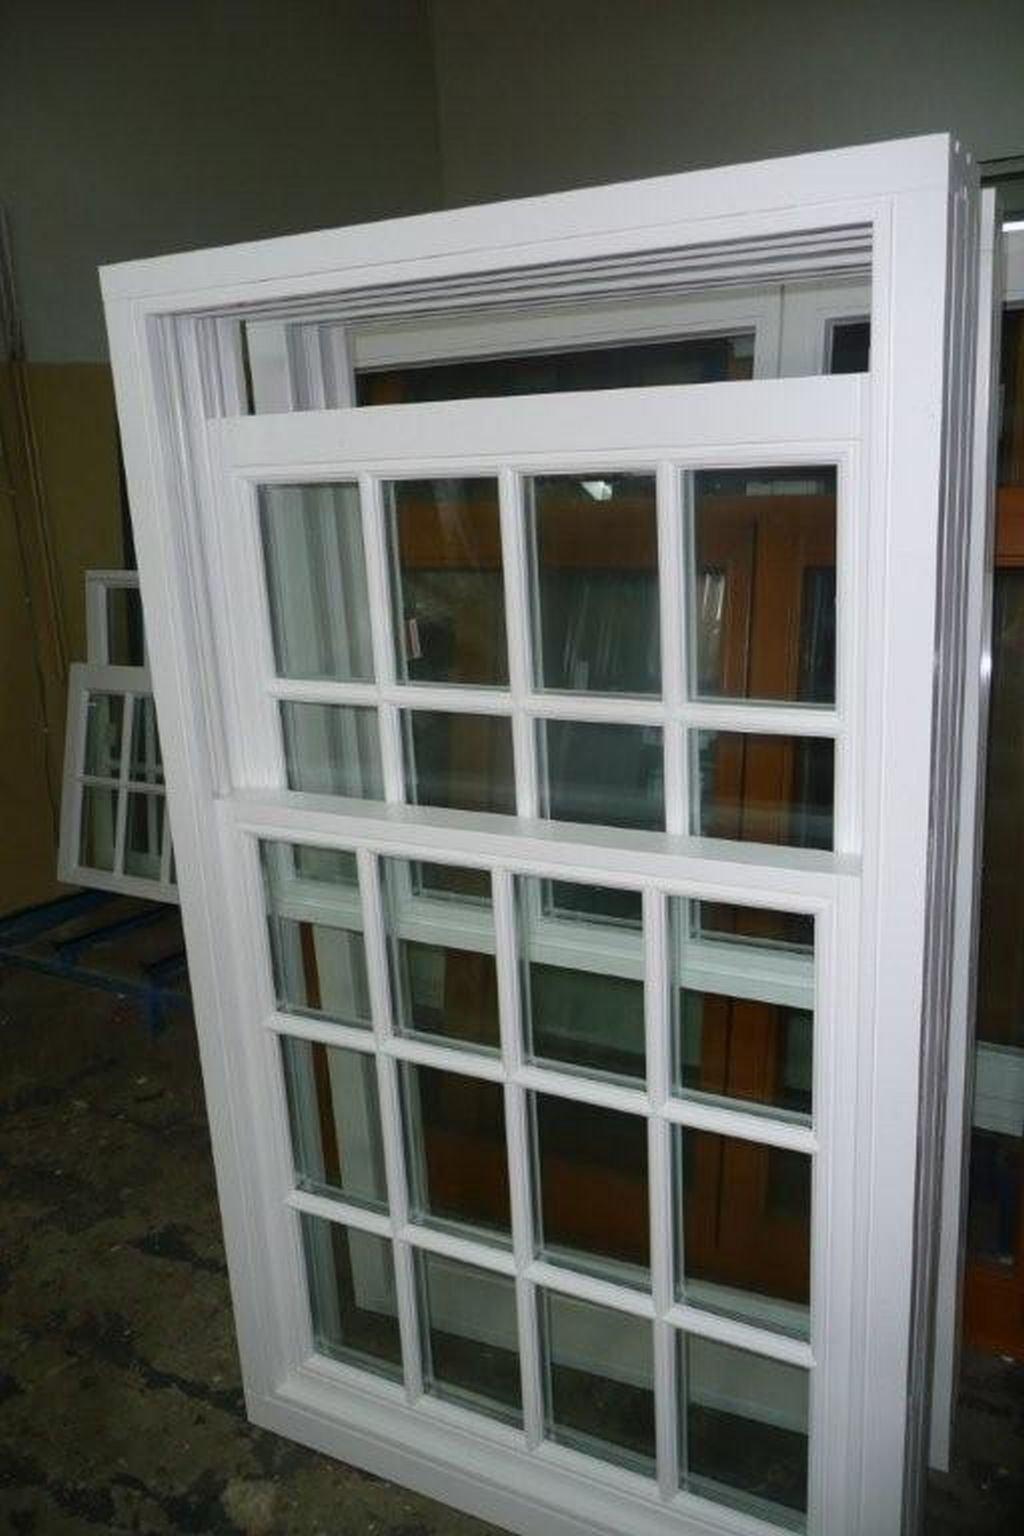 #2C2D23 Home > Construção e imóveis > Portas e janelas > Janelas (256488) 1944 Janela De Aluminio Tipo Guilhotina